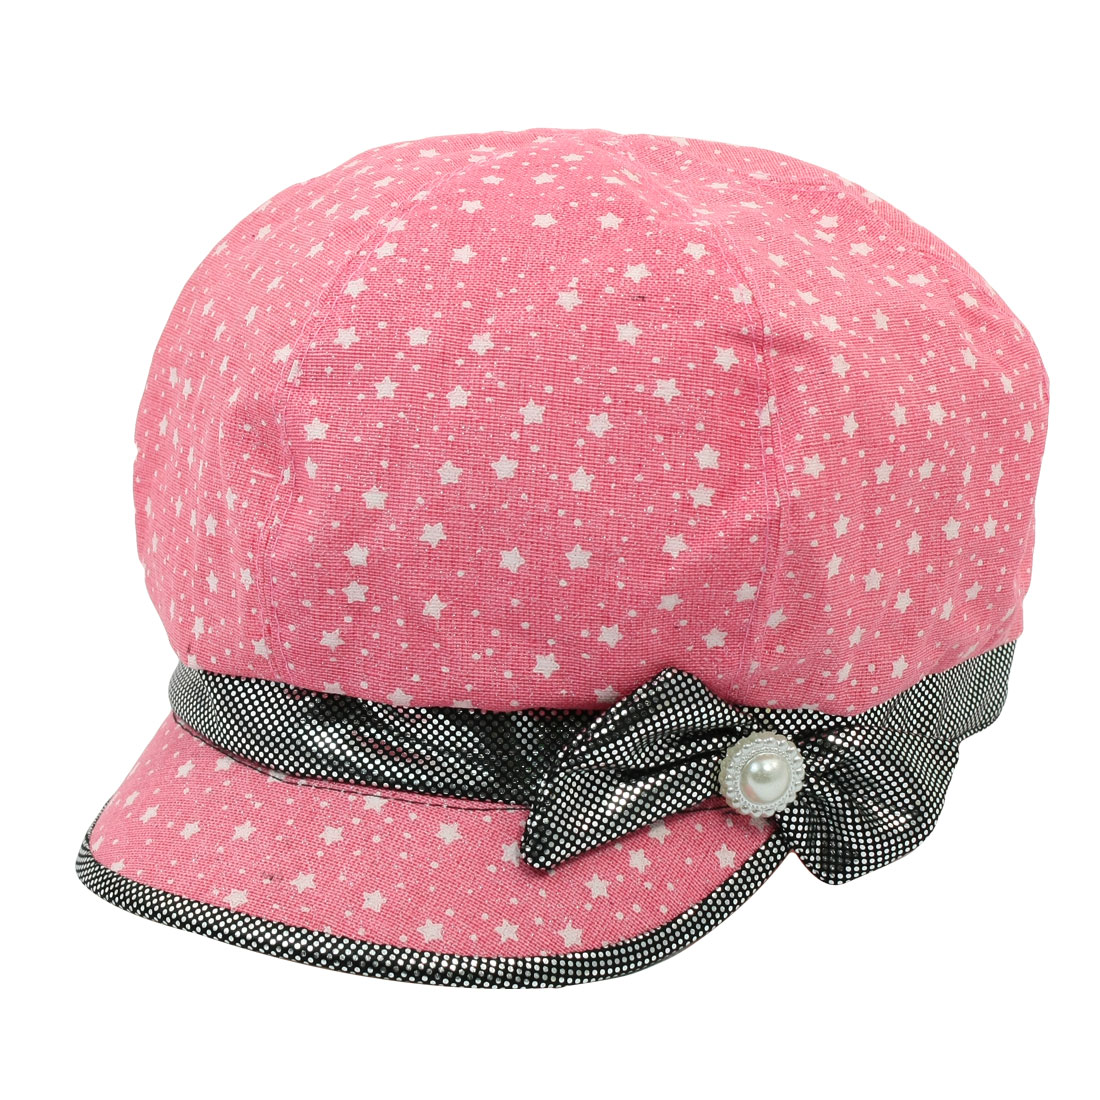 Woman Bowtie Decor Star Dot Pattern Casual Cap Casquette Hat Pink Size L